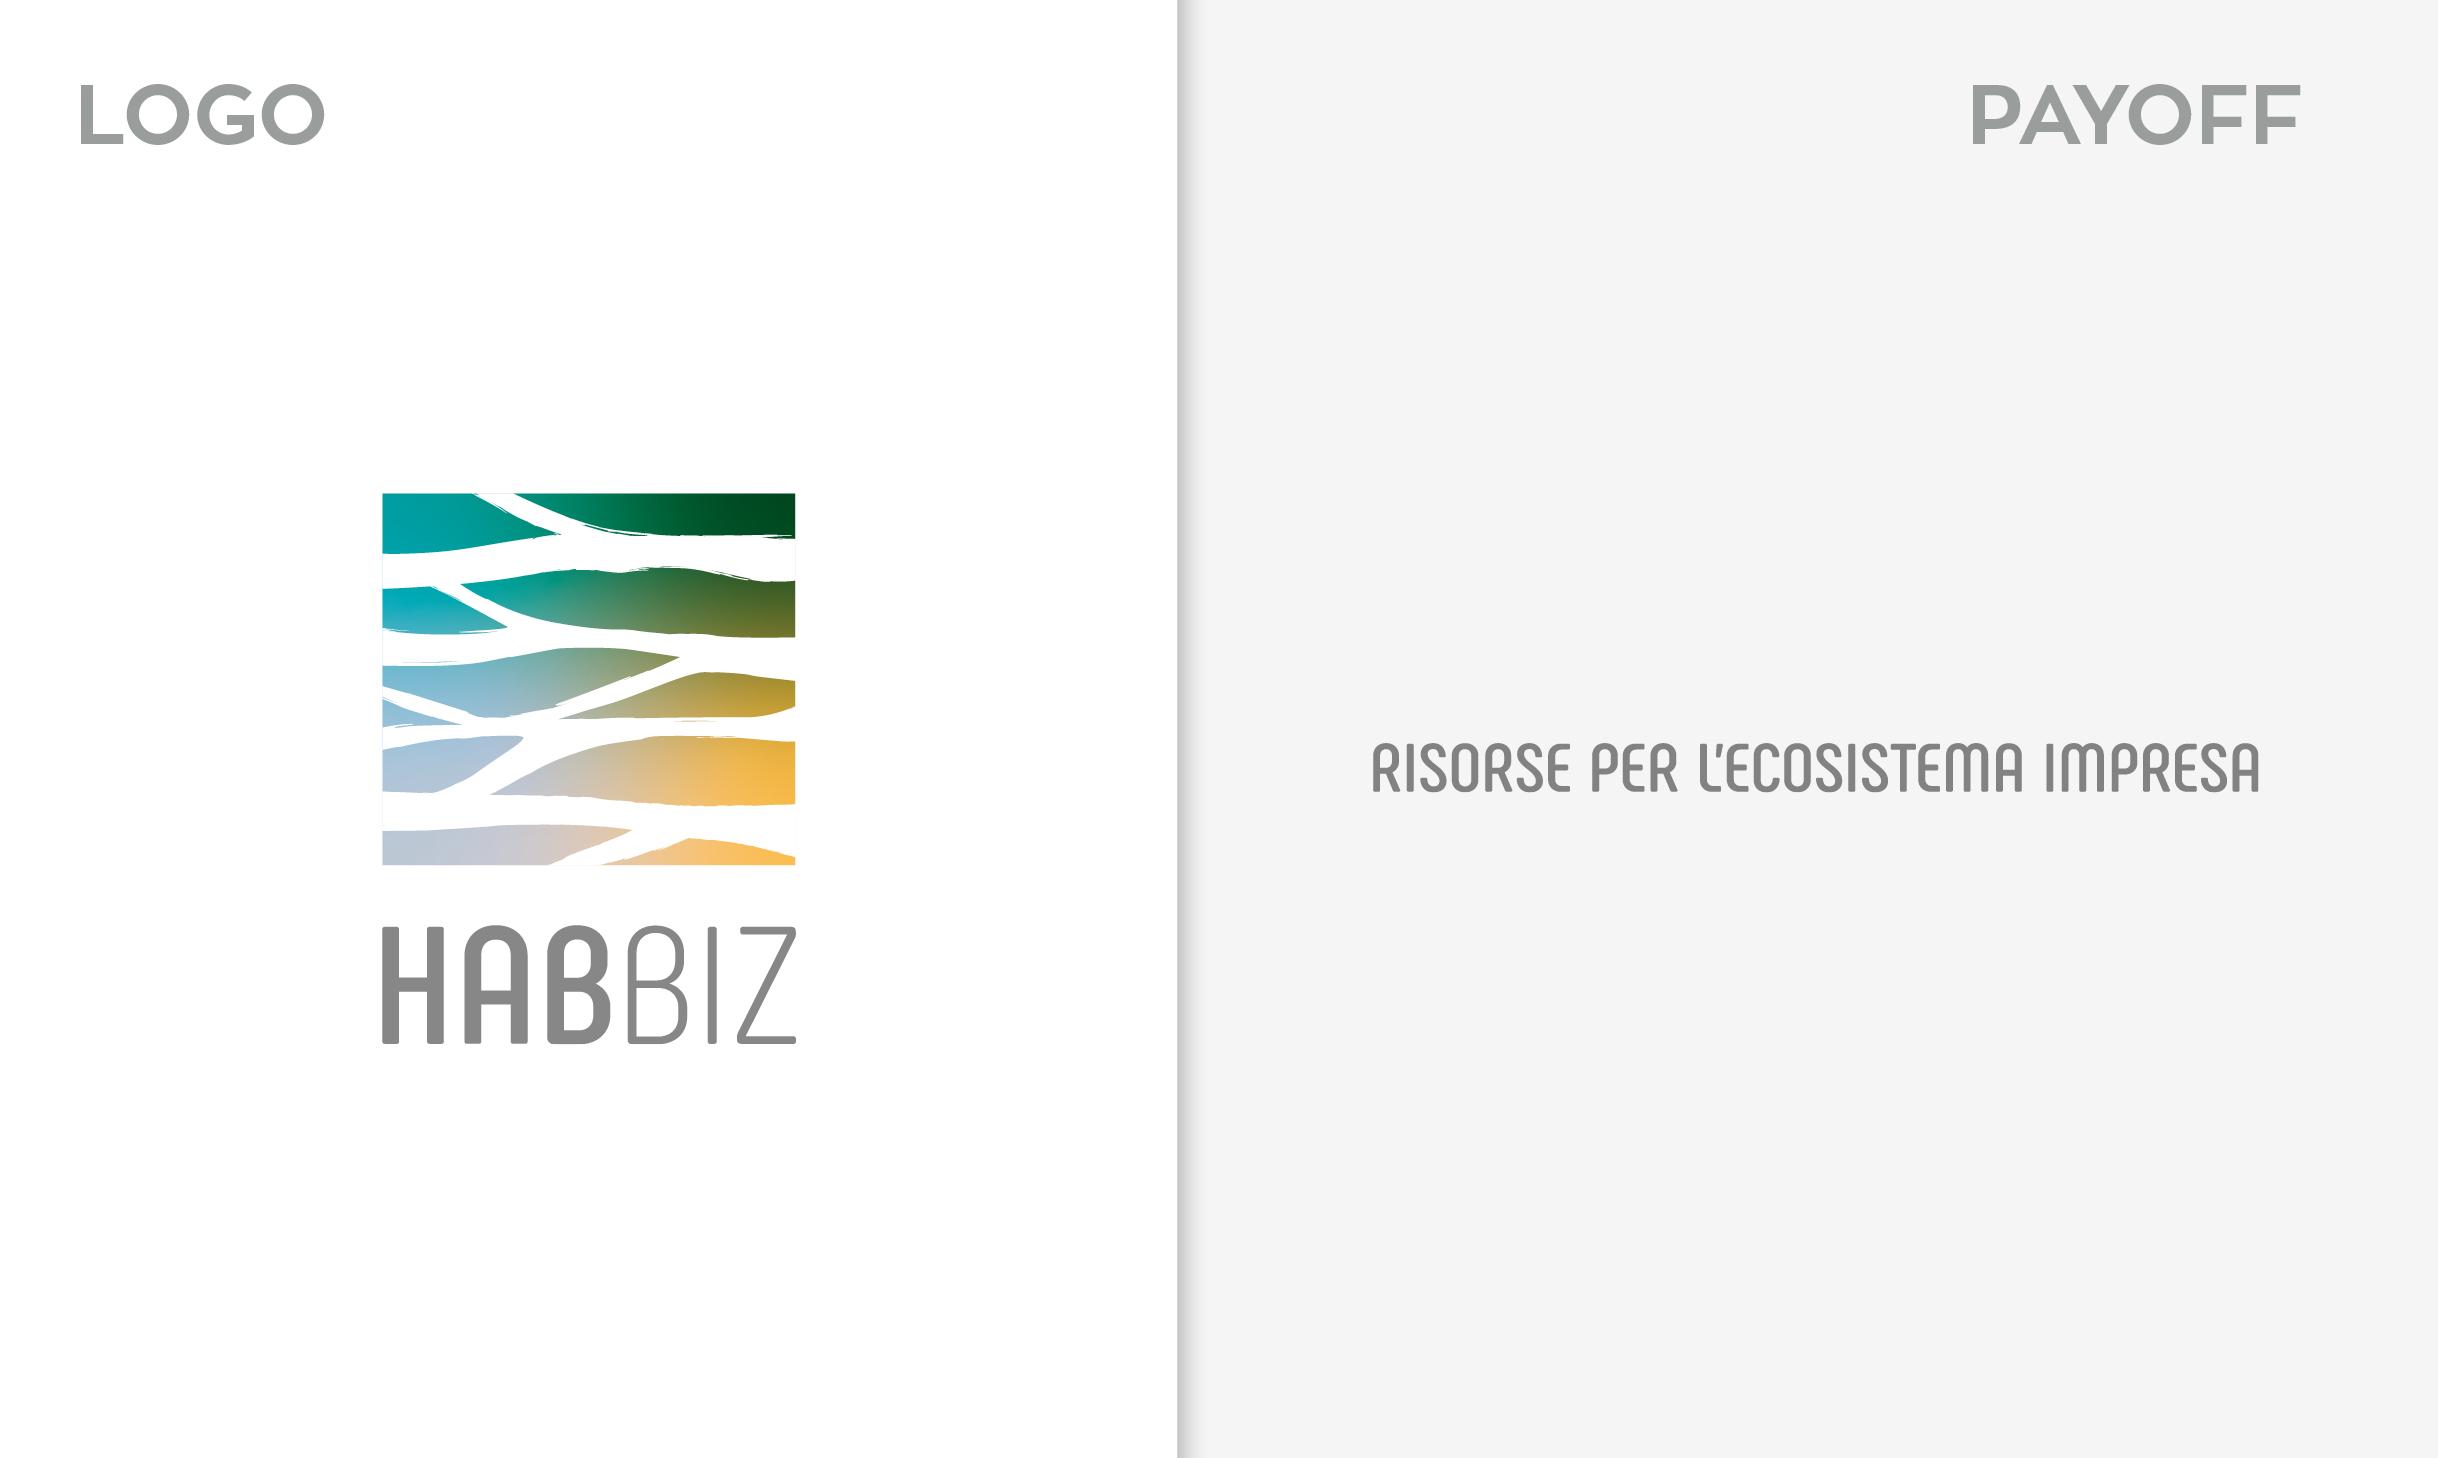 Hora-Habbiz_brandIdentity_1